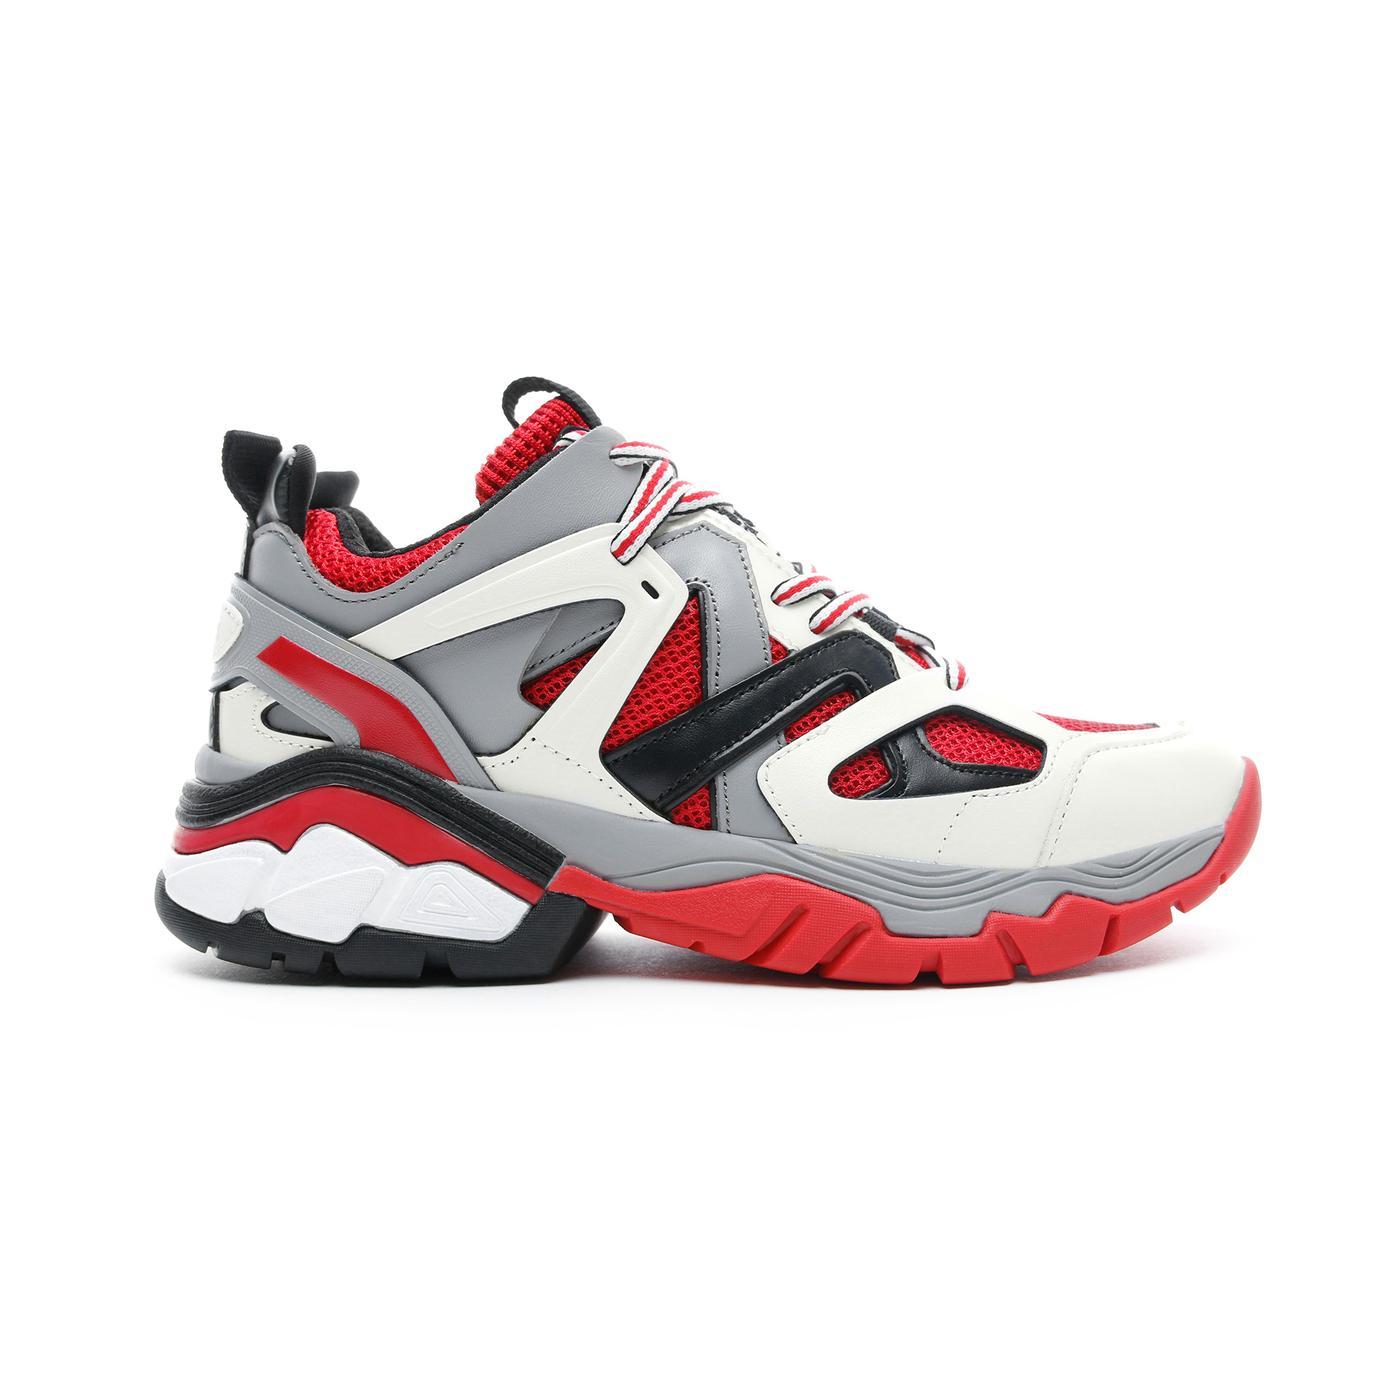 Guess Marles Beyaz - Kırmızı Kadın Spor Ayakkabı